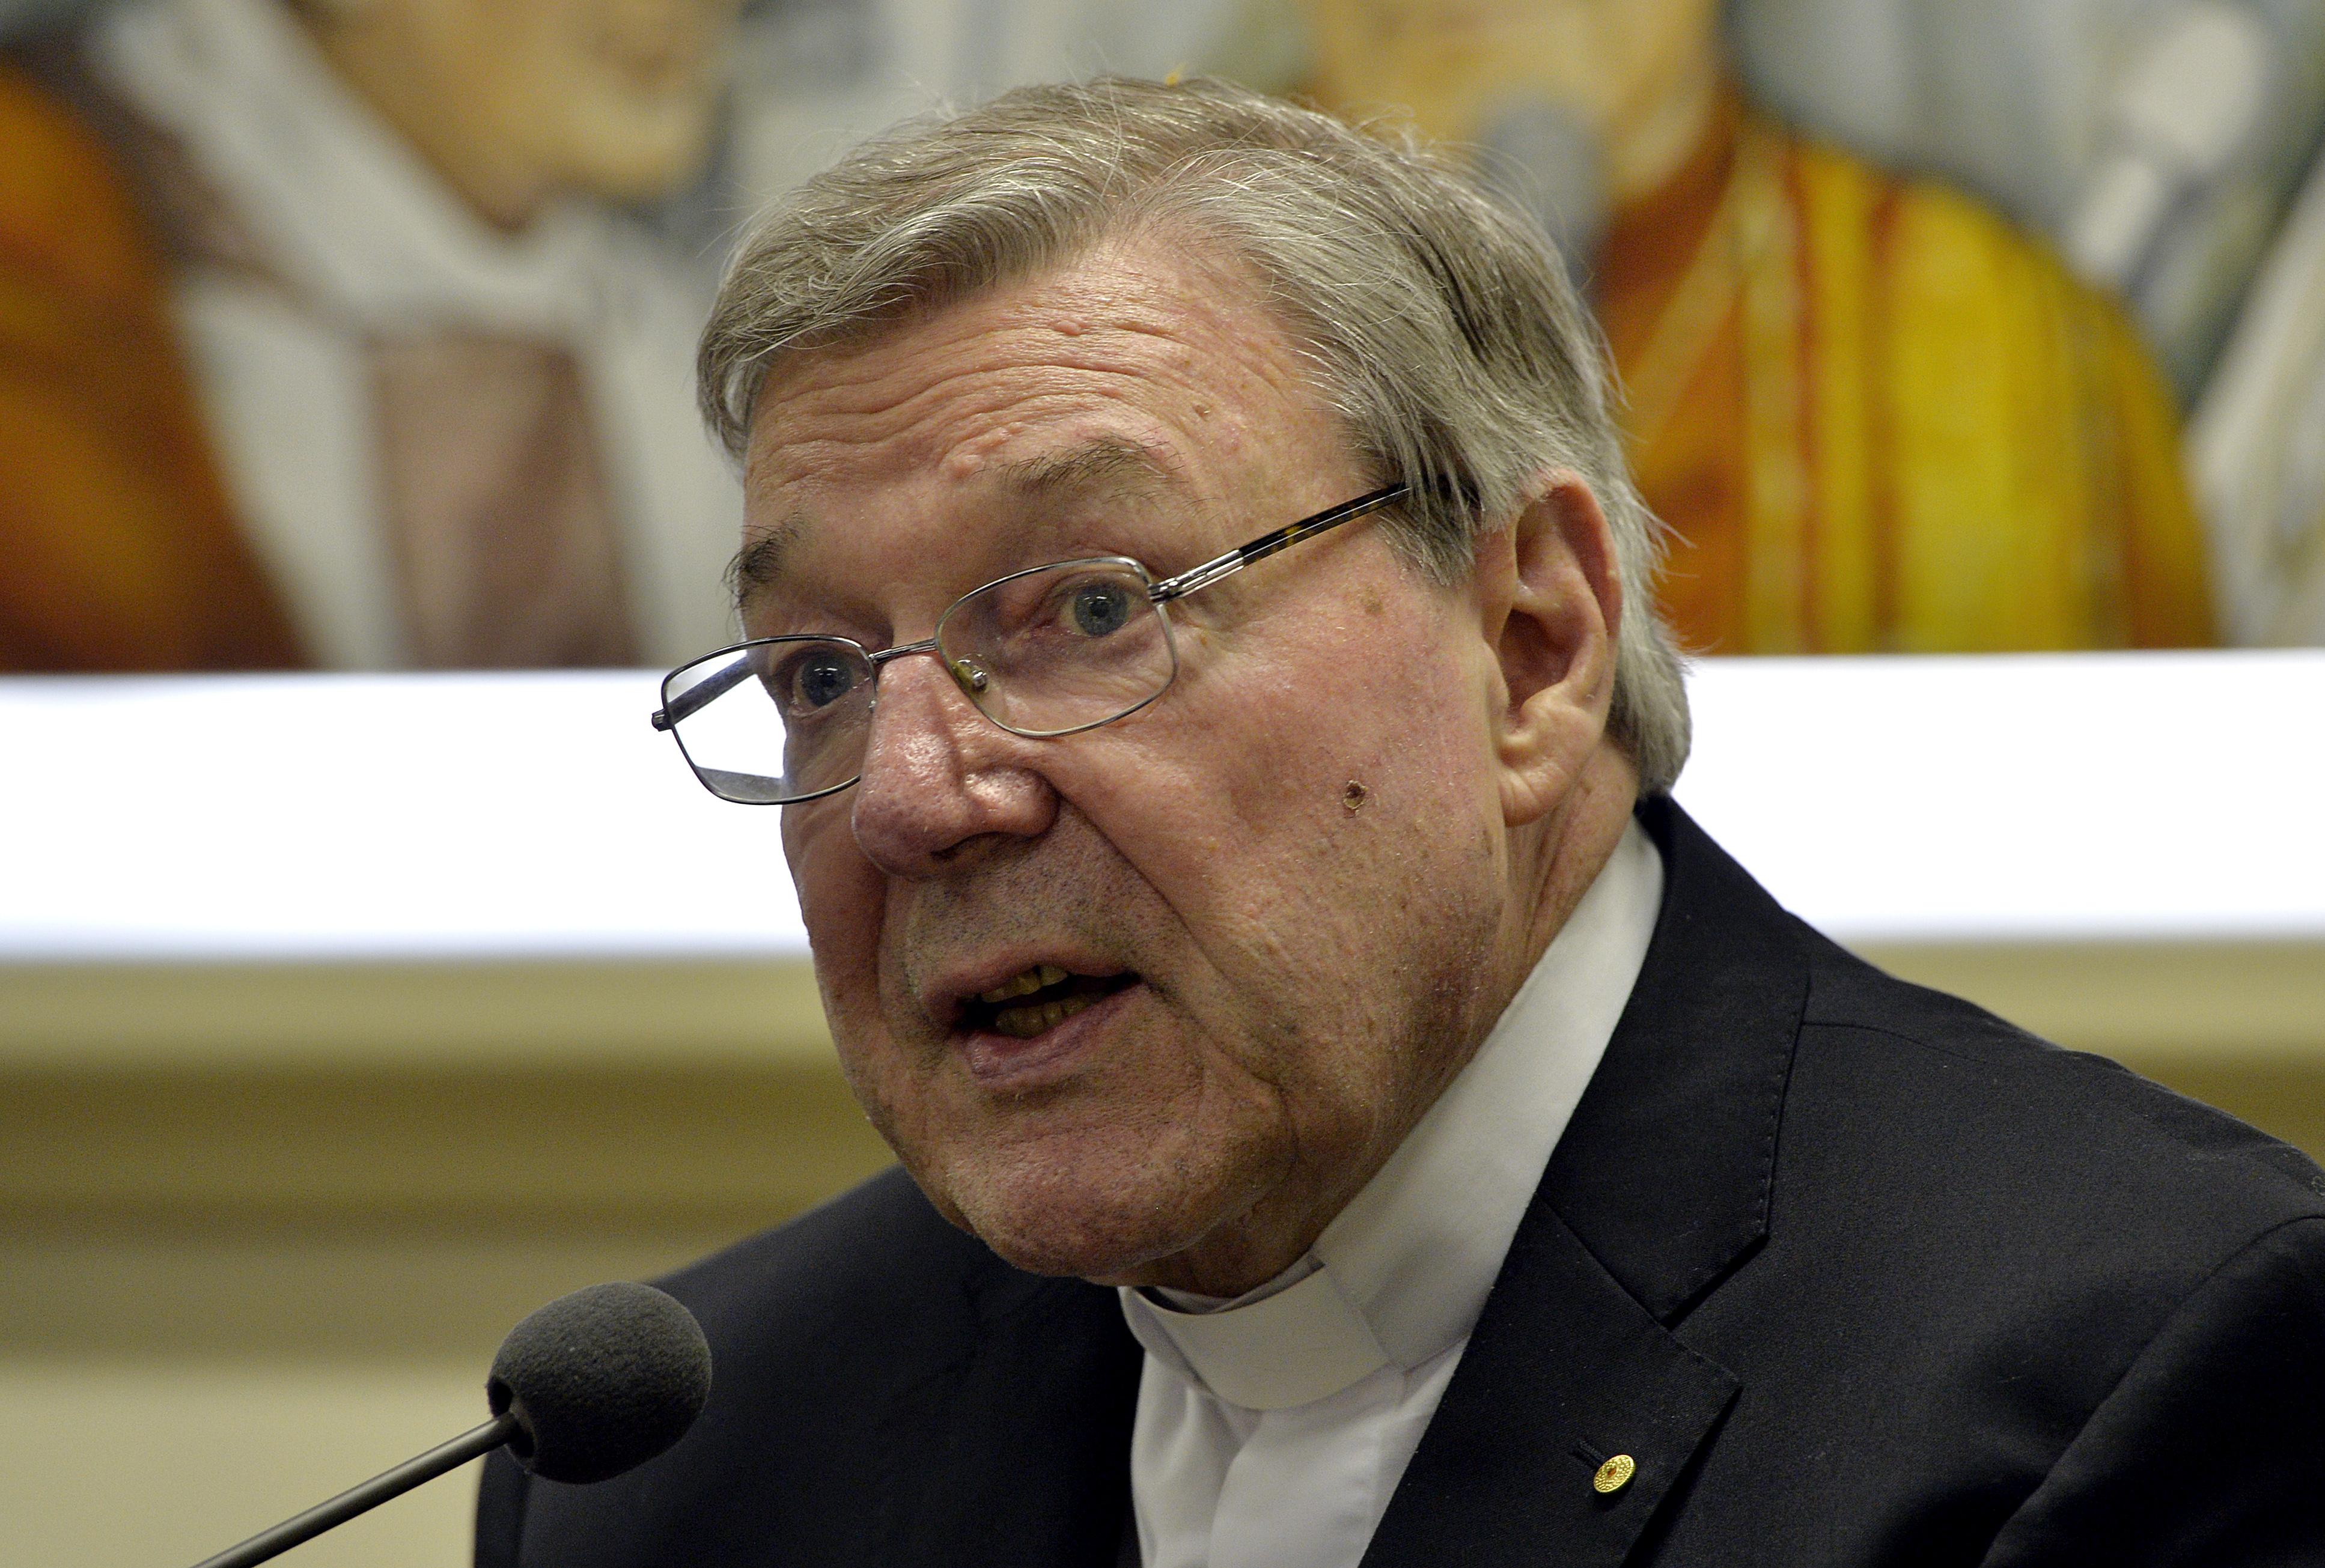 Megérkezett Ausztráliába a legmagasabb beosztású főpap, akit valaha pedofiliával vádoltak